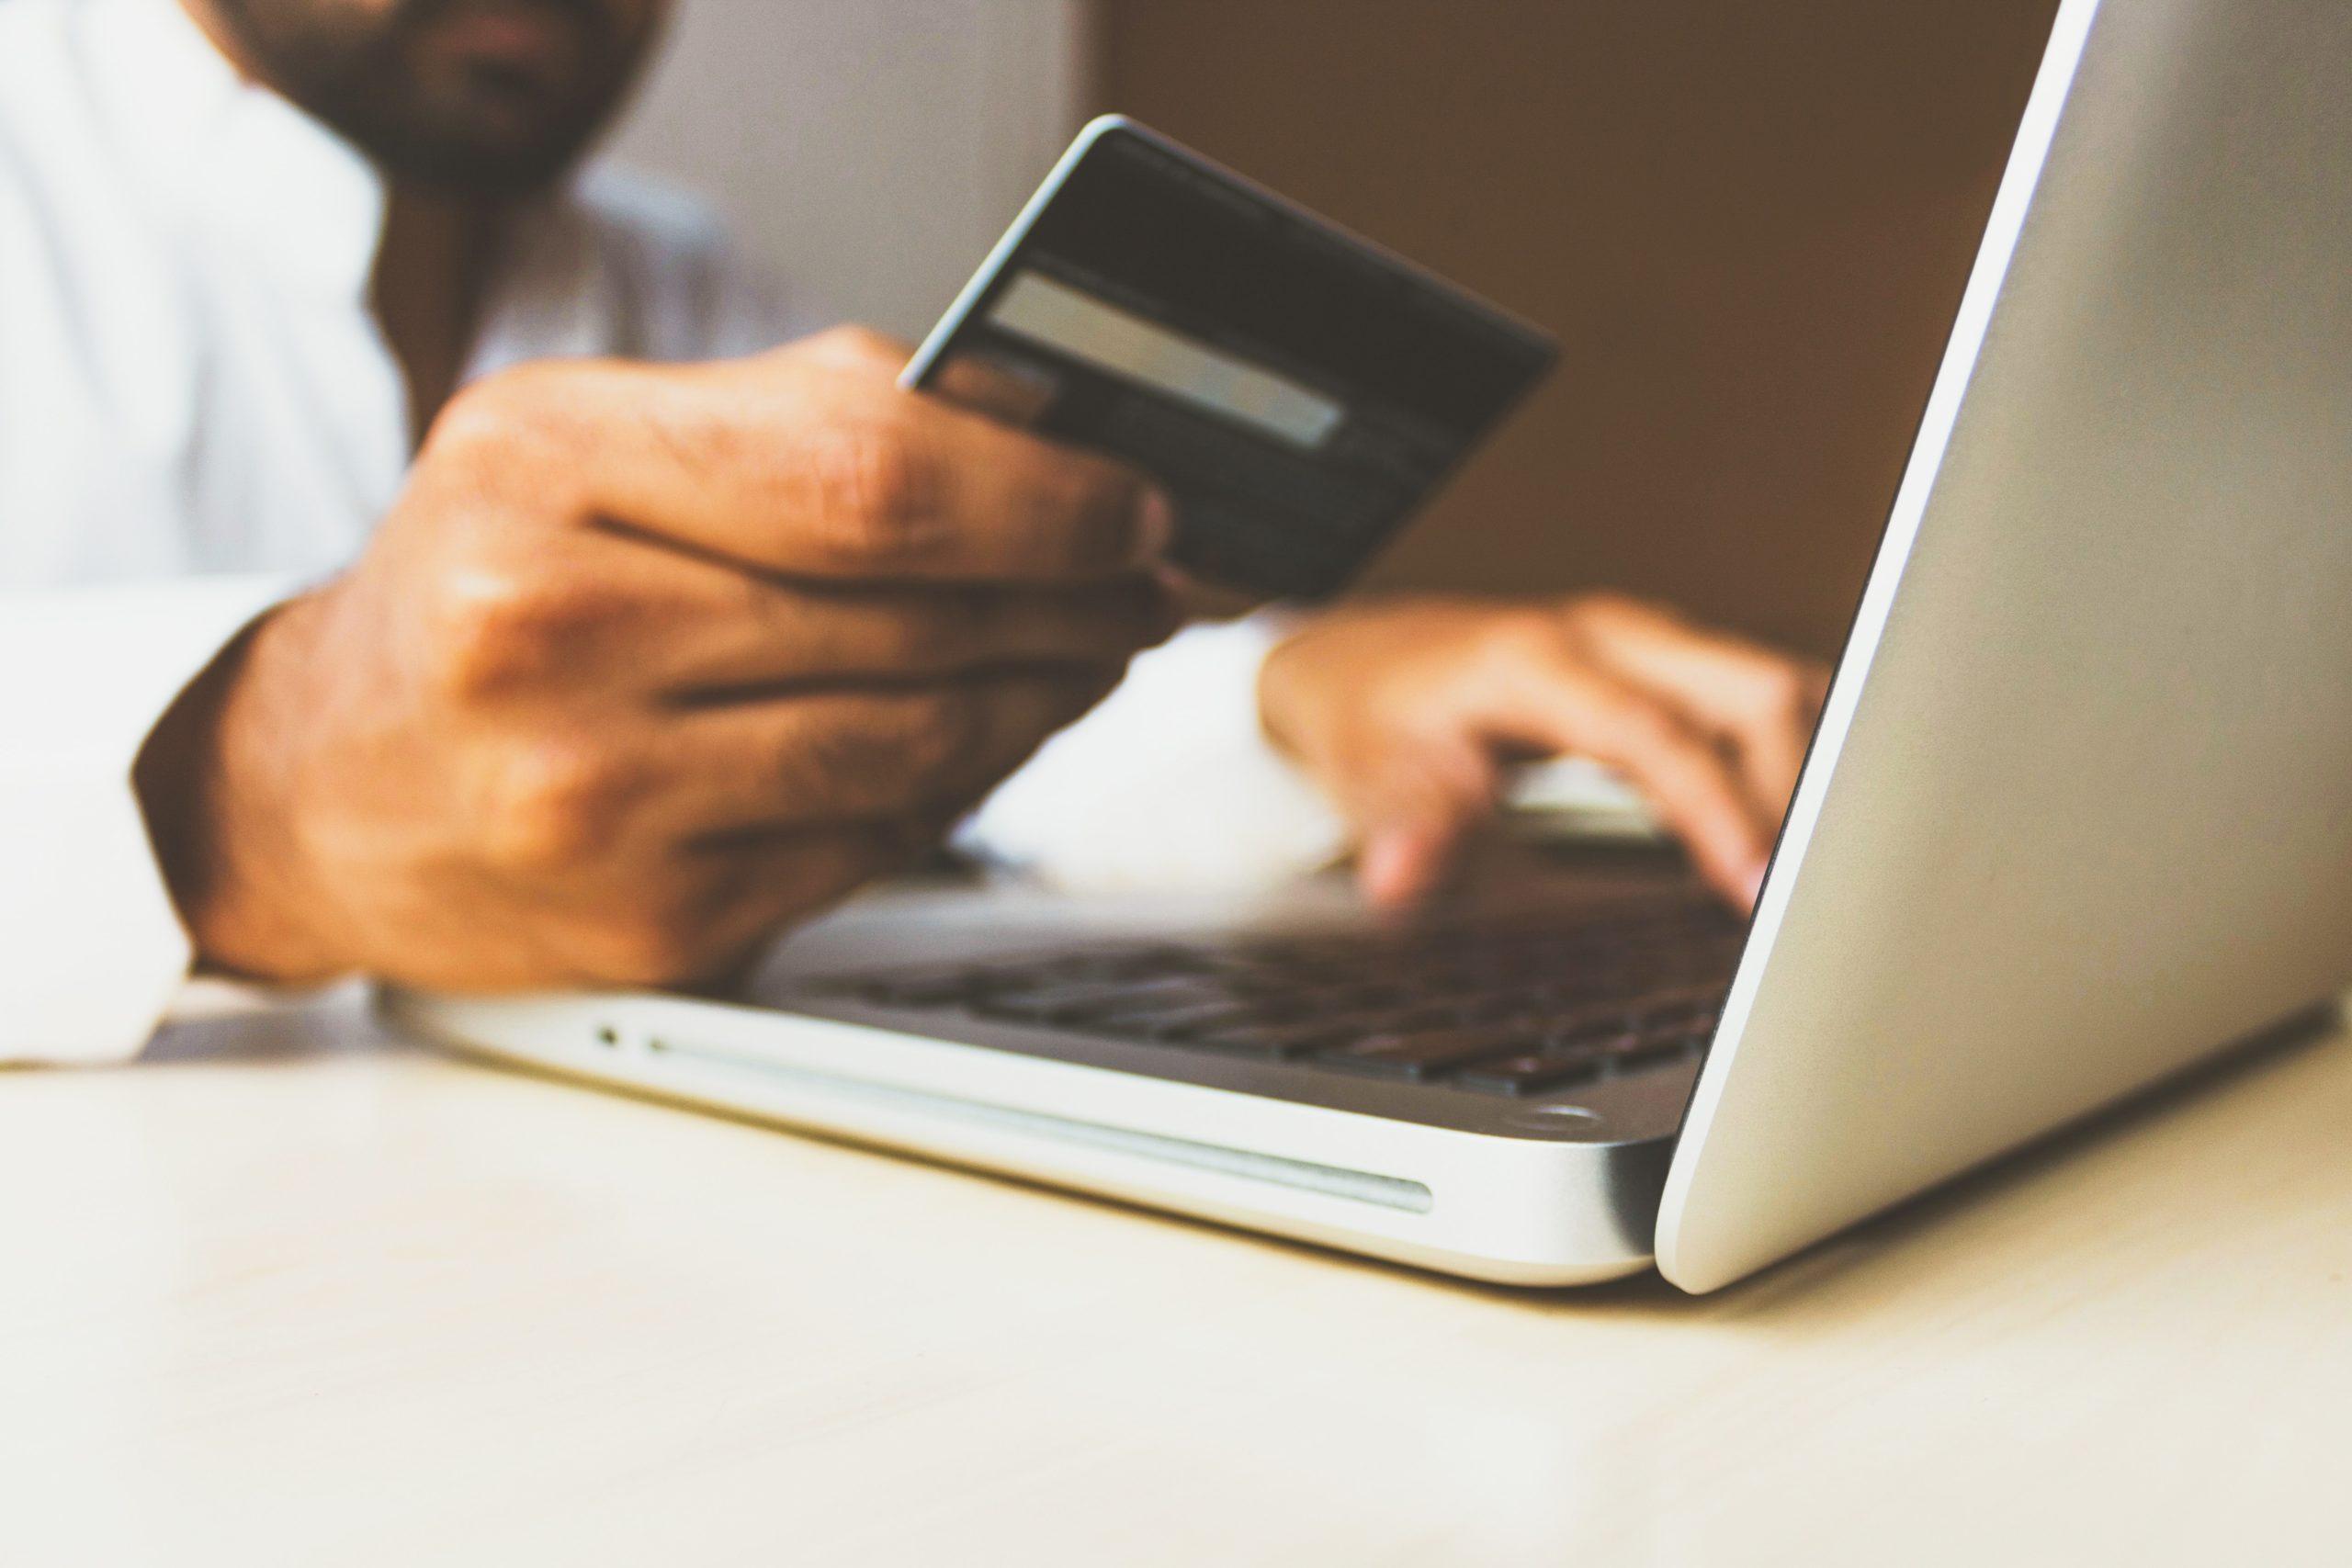 Imagem de um homem segurando um cartão de crédito em frente um computador.